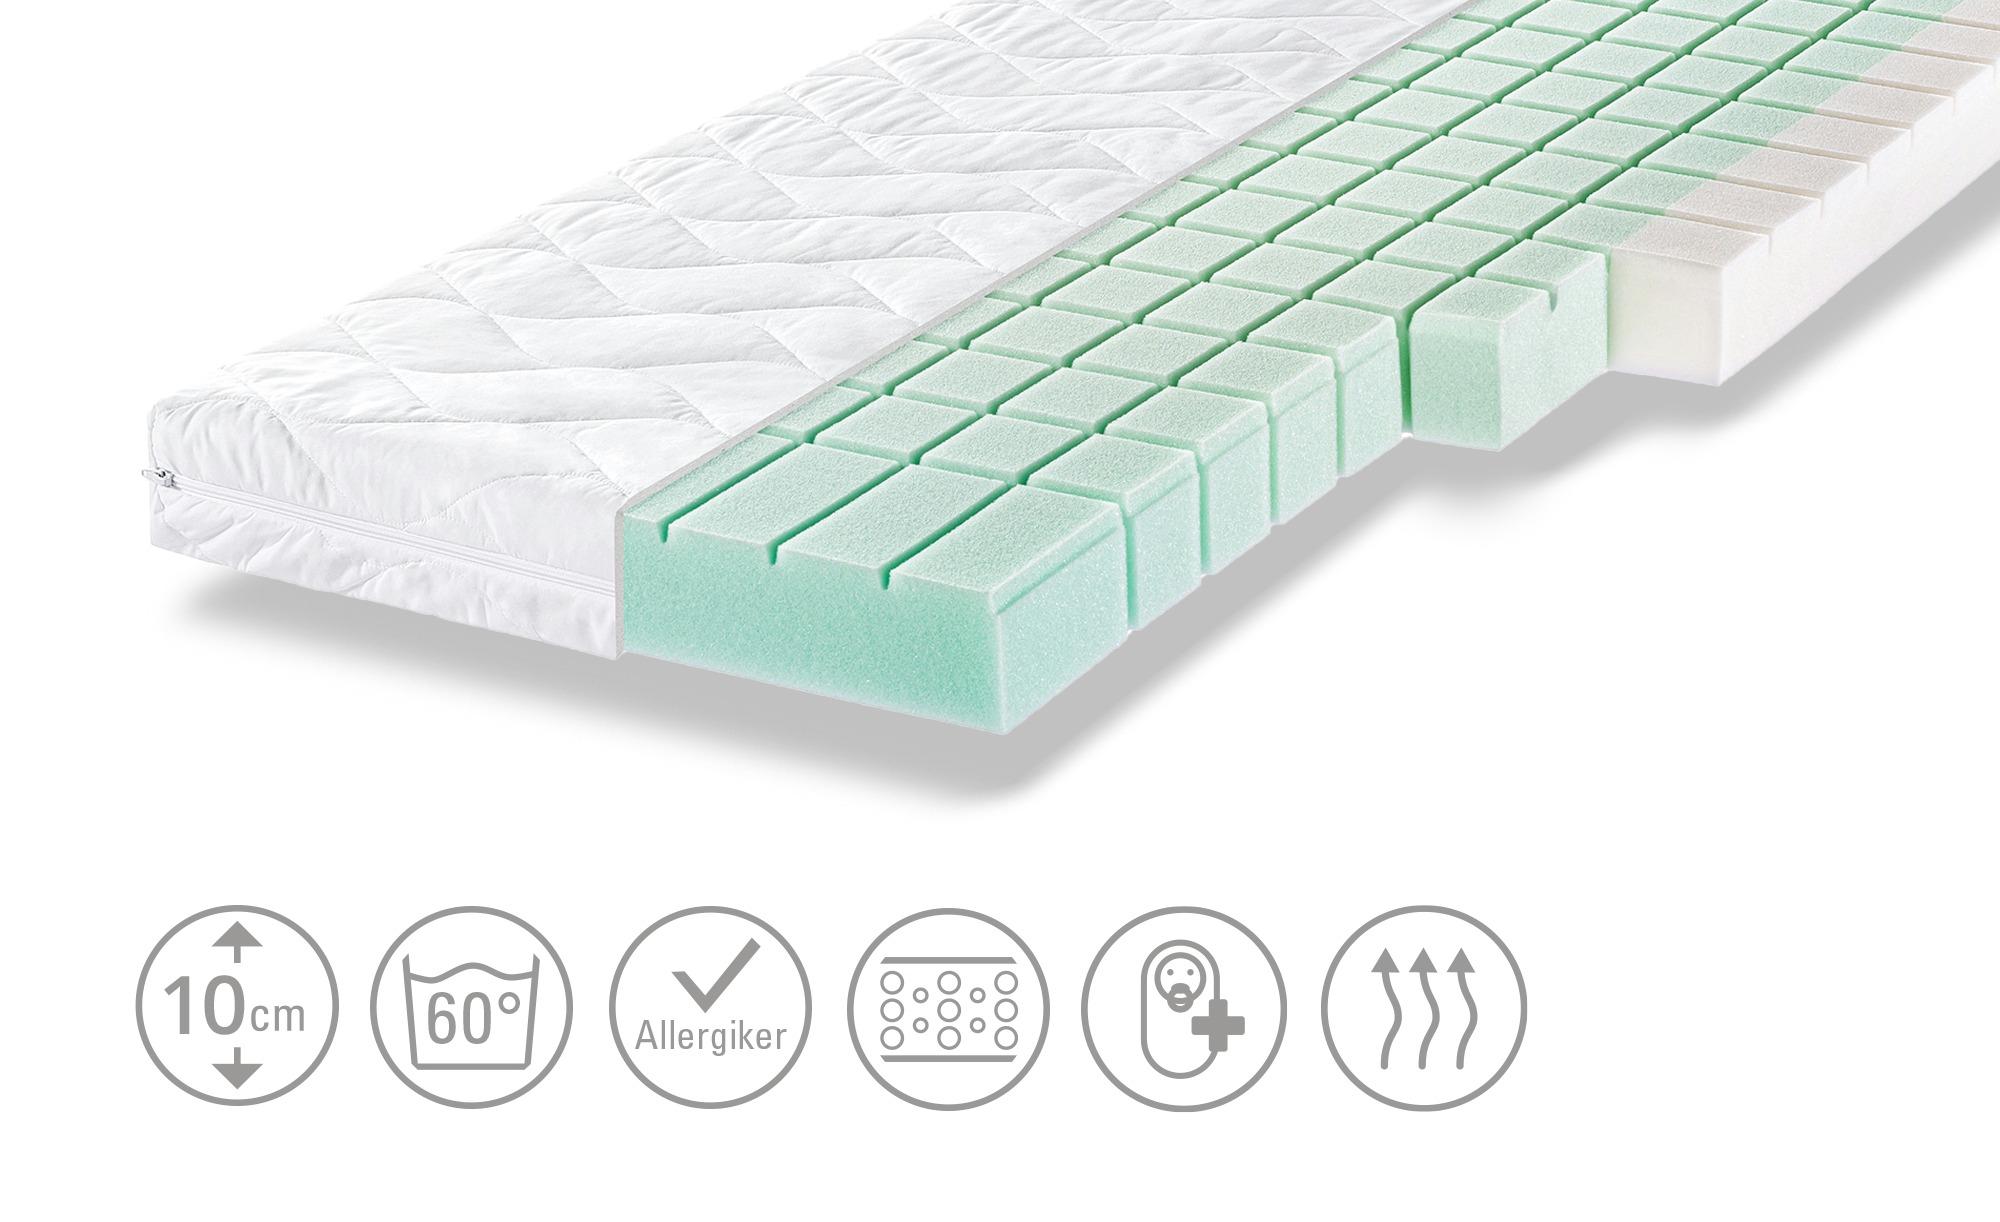 Zöllner Kinderbettmatratze  Dream - weiß - Bezug: 65% Polyester, 35% Baumwolle - 60 cm - 10 cm - Baby > Babymöbel > Babymatratzen - Möbel Kraft | Kinderzimmer > Textilien für Kinder > Kinderbettwäsche | Zöllner